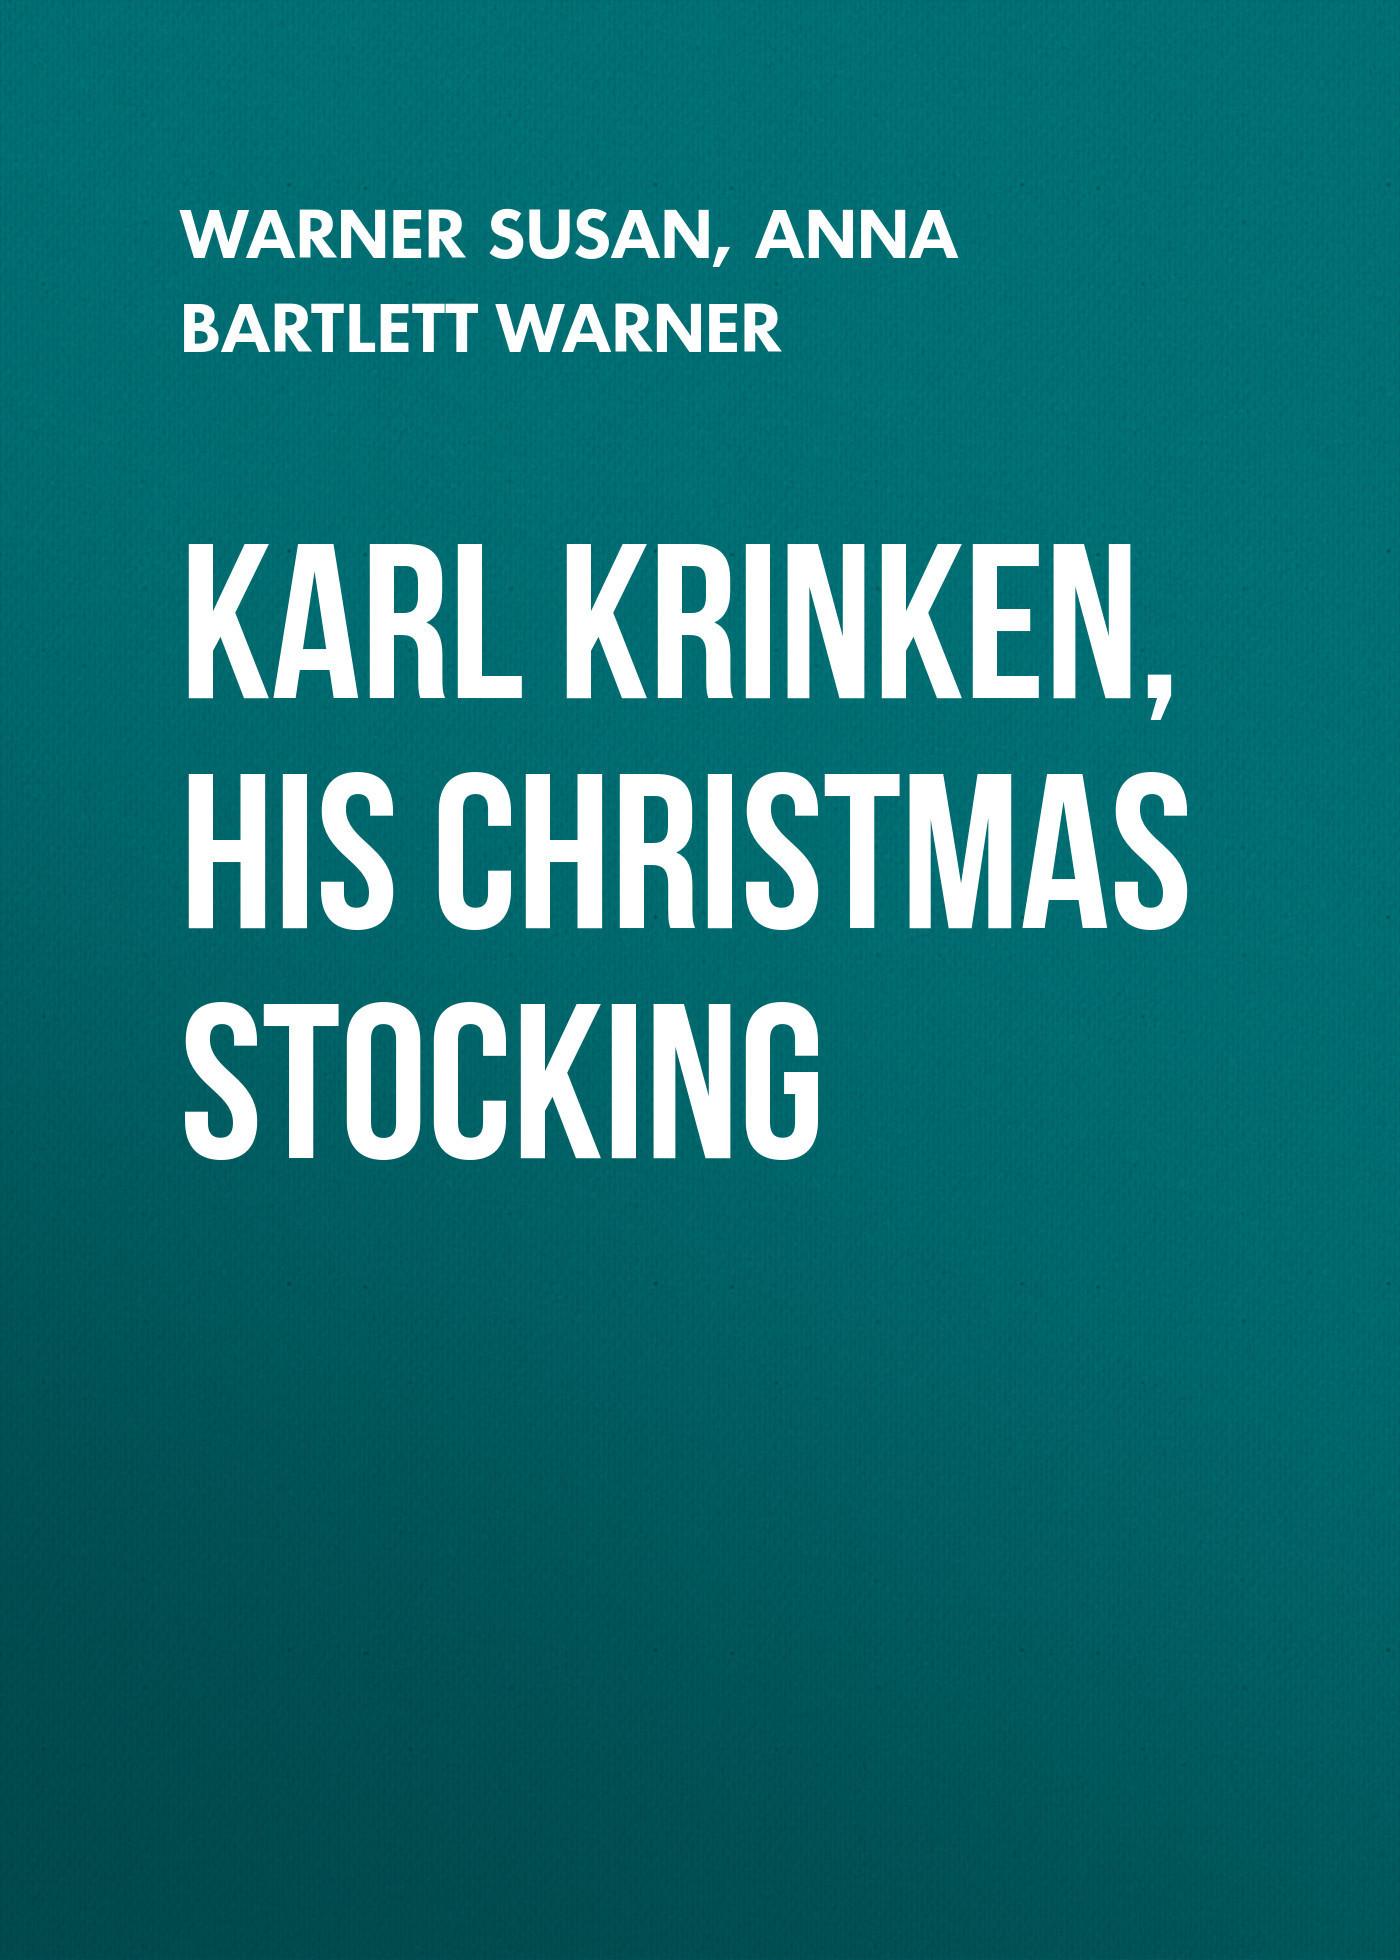 Warner Susan Karl Krinken, His Christmas Stocking аксессуары для косплея sprouting acg acg stocking cosplay